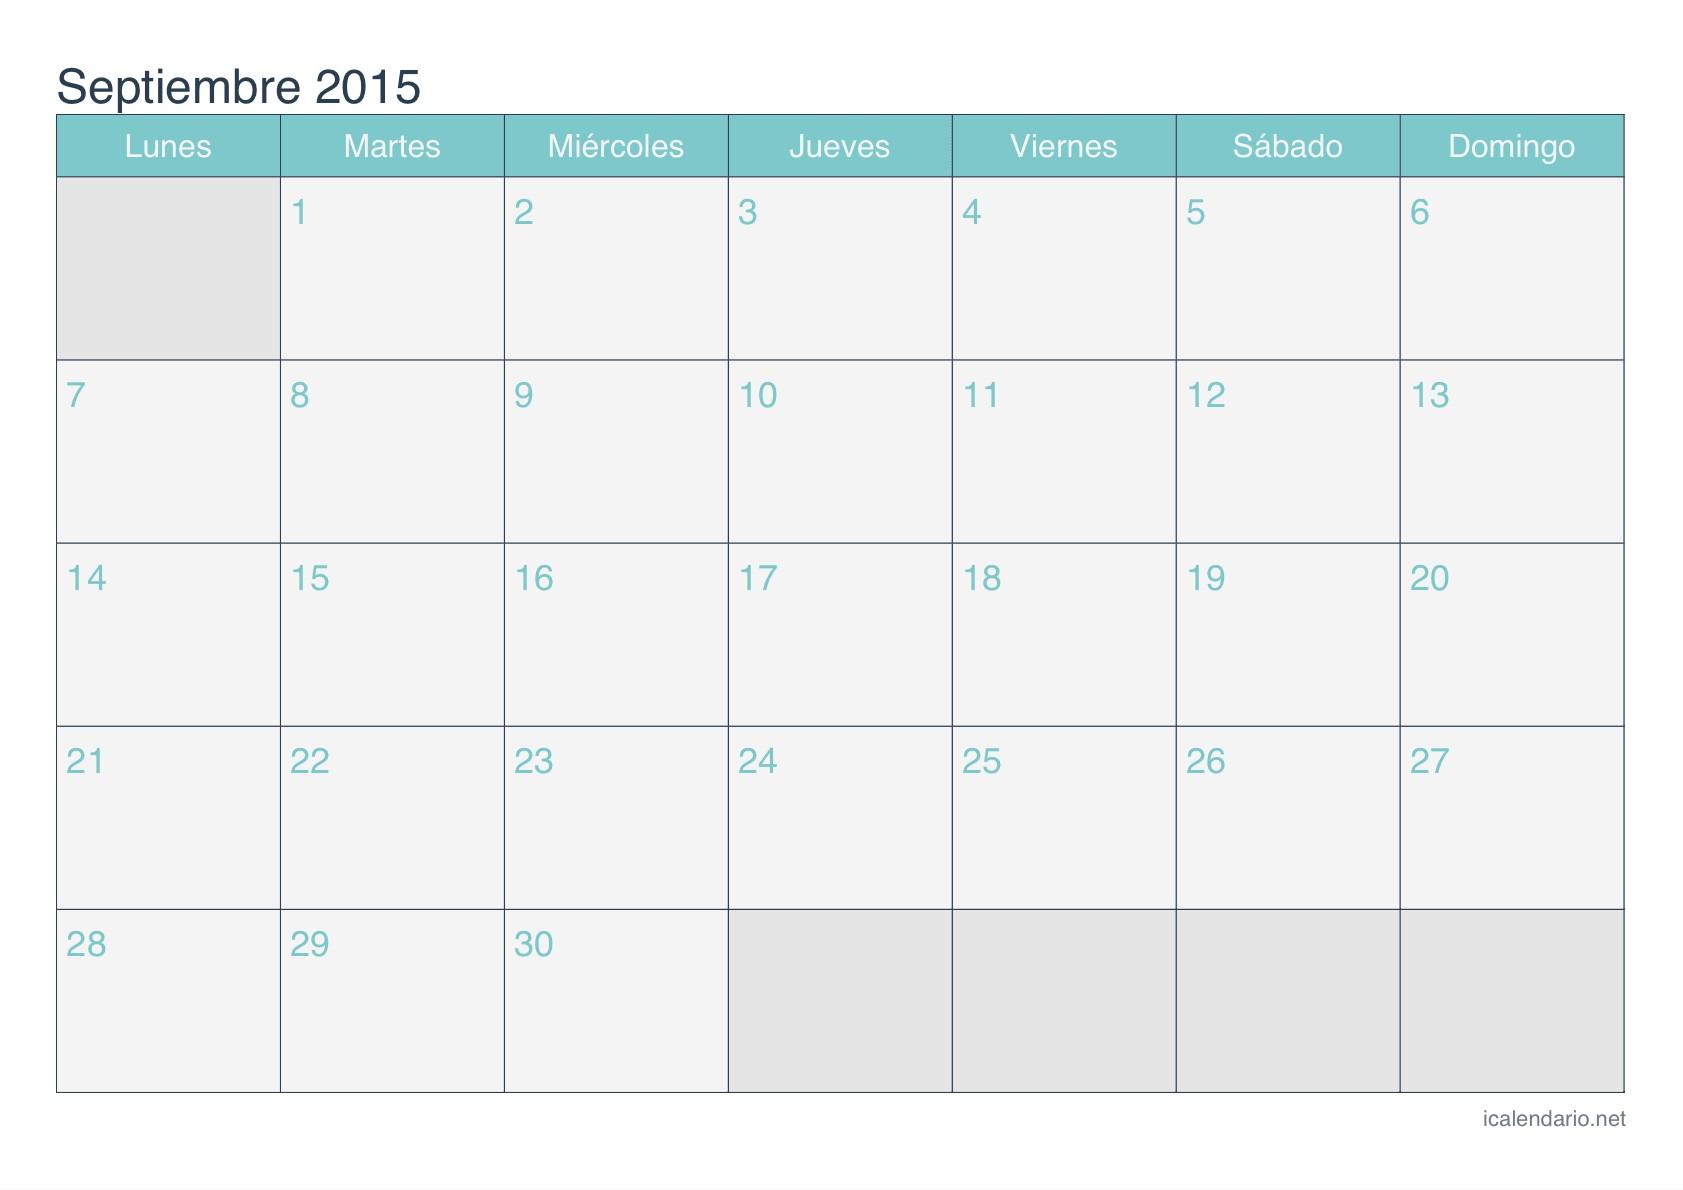 Calendario 2019 Chile Para Imprimir Más Recientes Calendario Octubre 2015 Para Imprimir 2017 Vector Calendar In Of Calendario 2019 Chile Para Imprimir Más Arriba-a-fecha Se Abren Las Postulaciones Para La Escuela De Sistemas Plejos